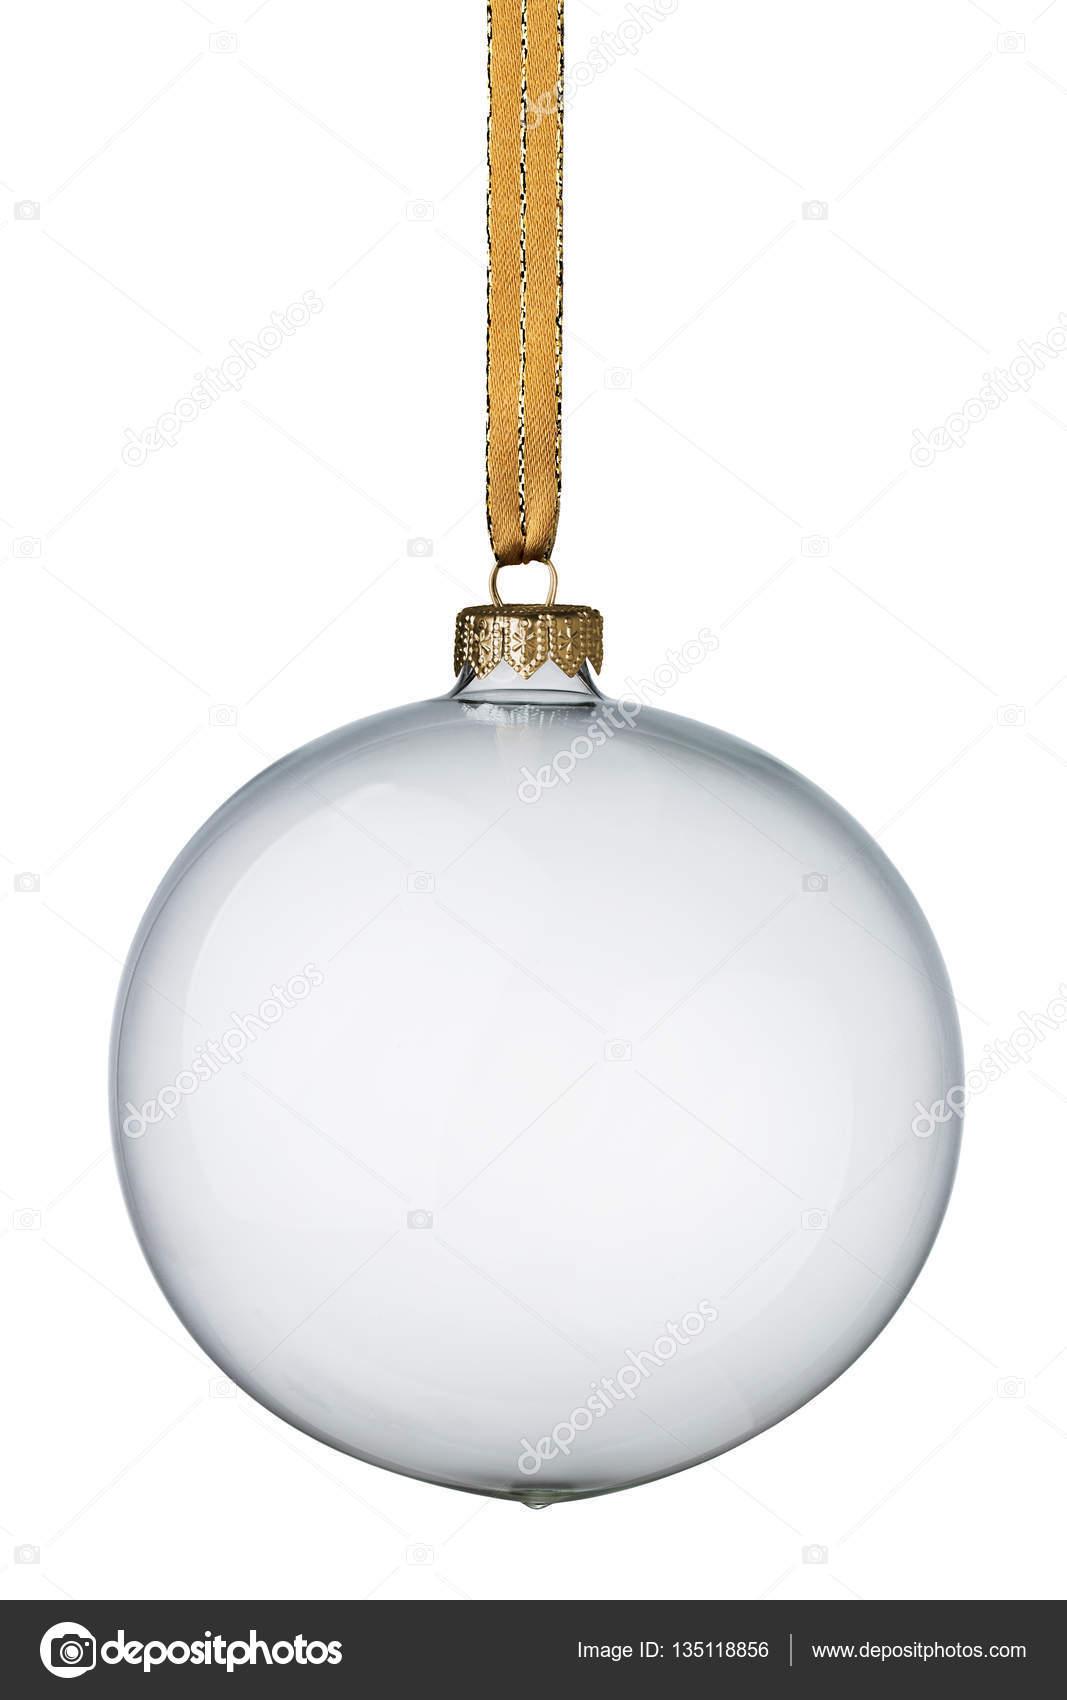 Foto Bola Transparente Bola De Navidad Transparente Foto De - Bolas-de-navidad-transparentes